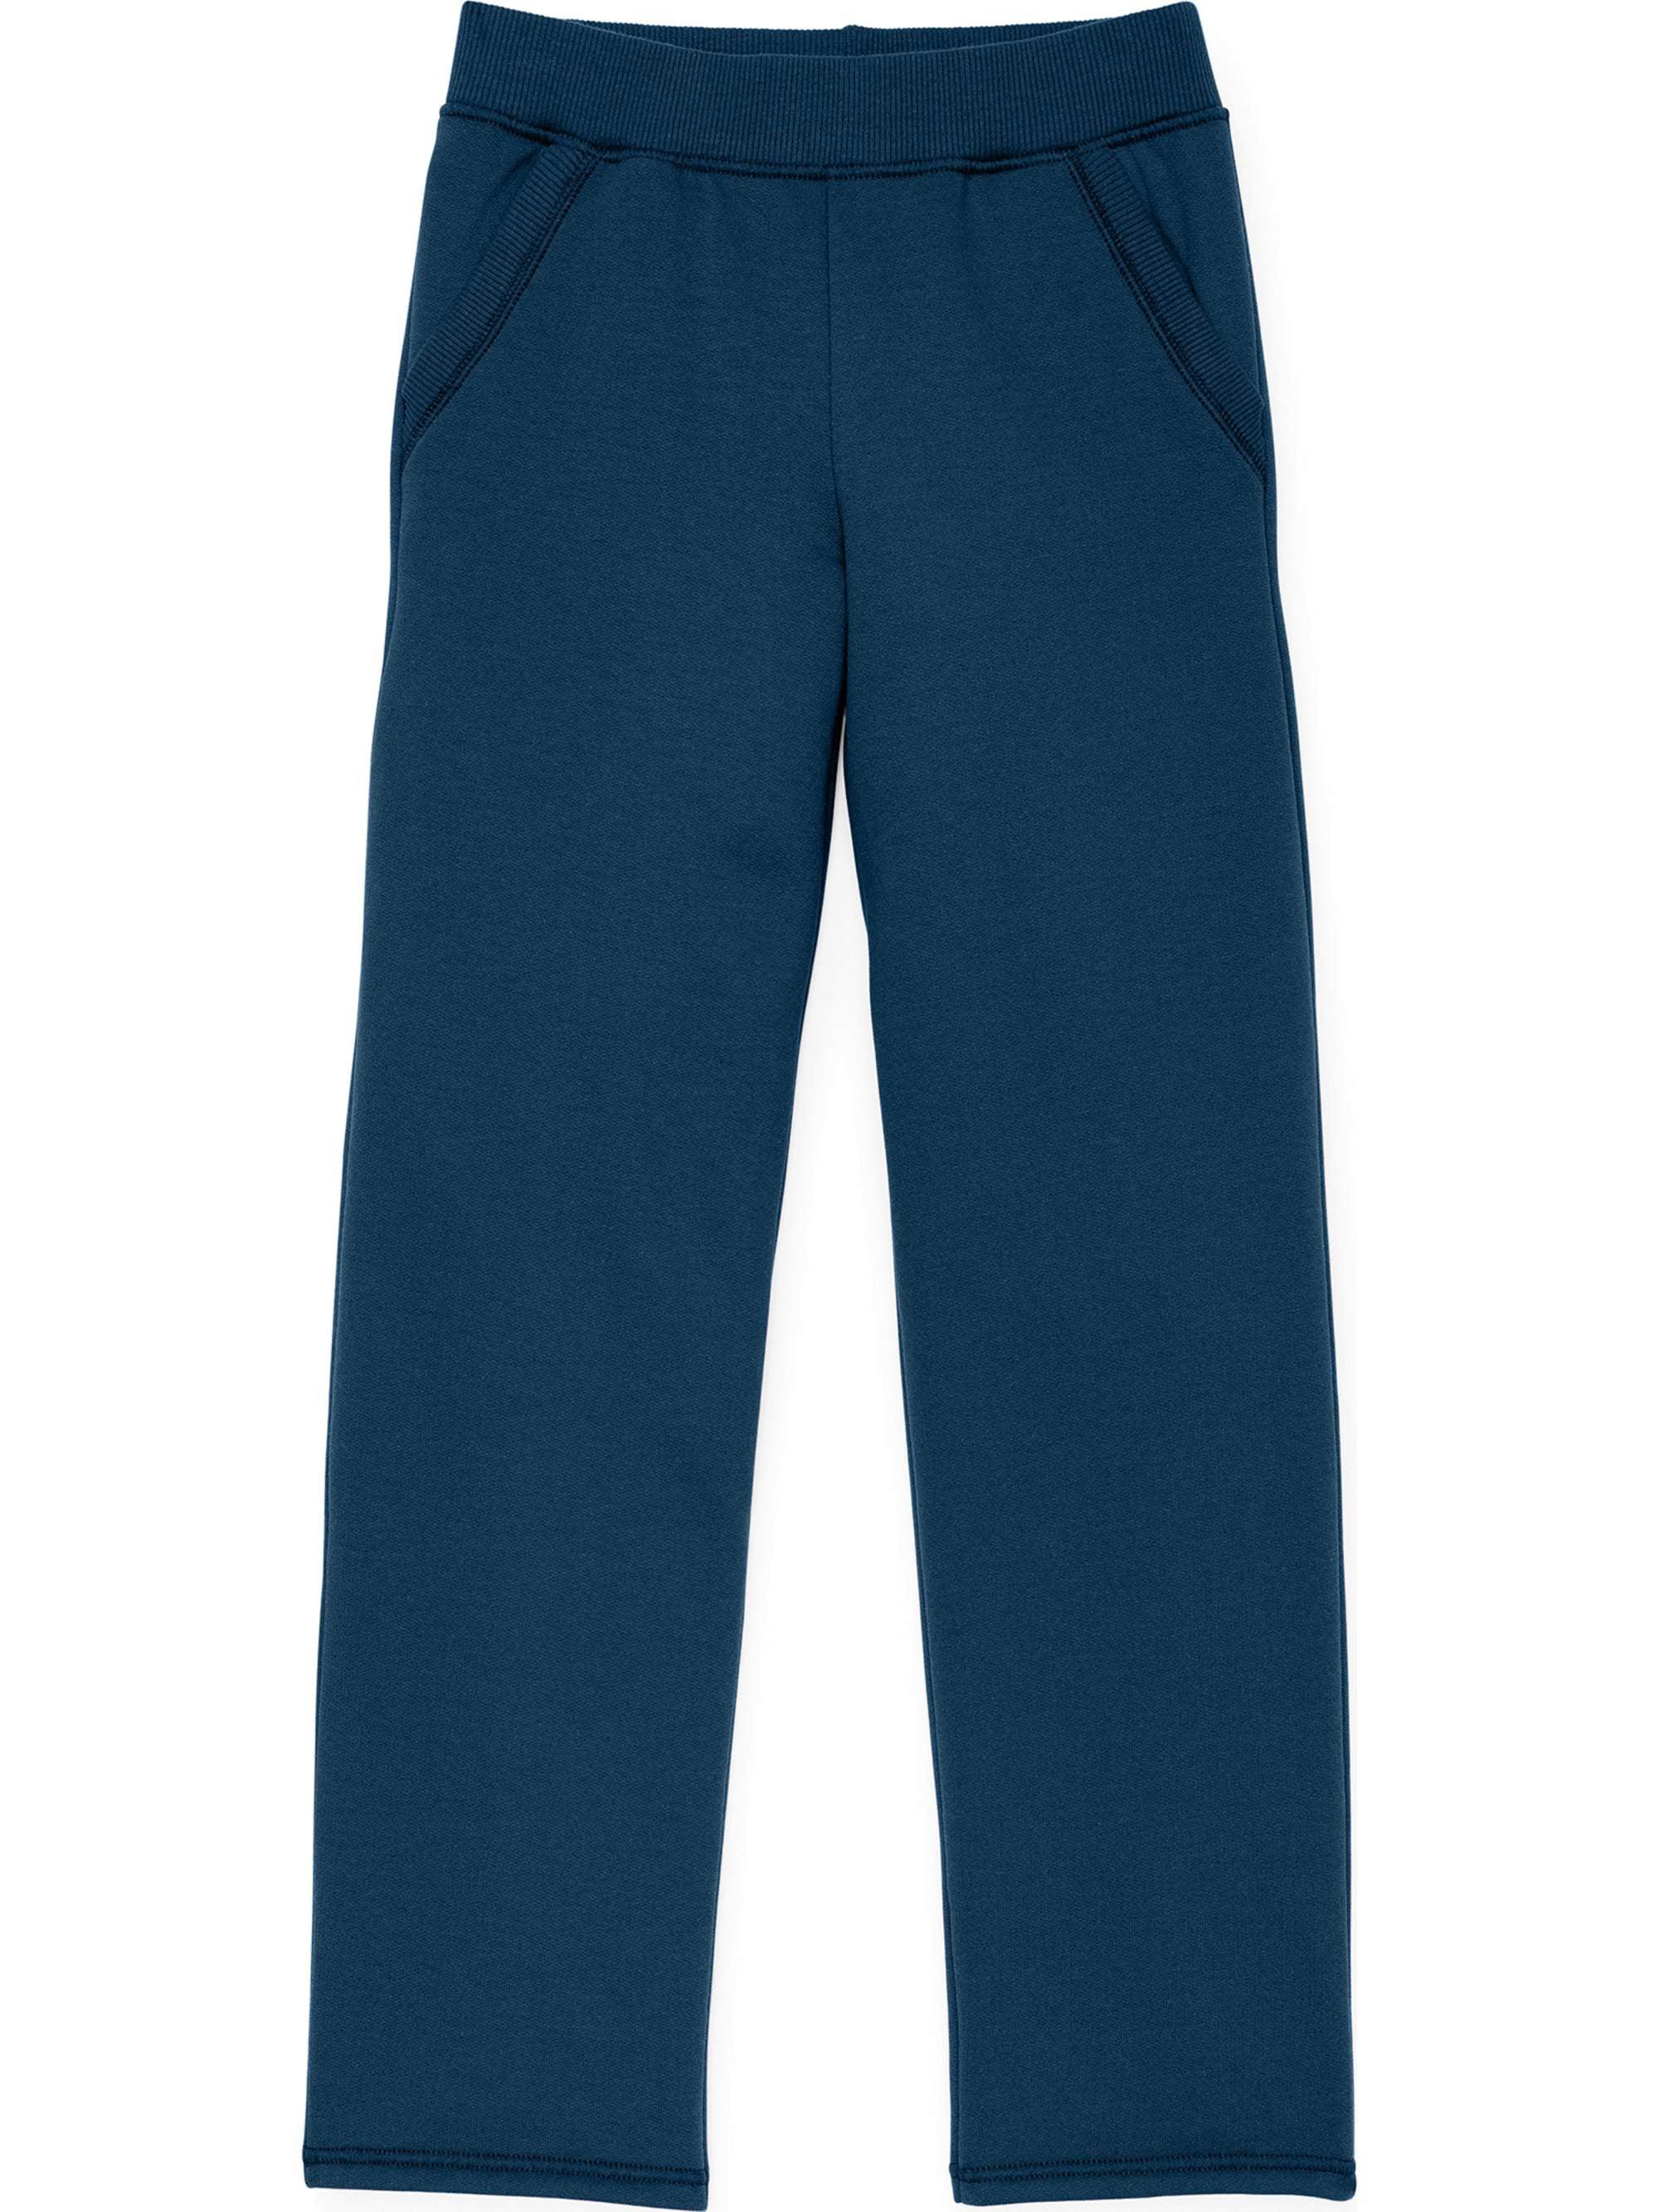 Open Leg Fleece Sweatpant with Pockets (Little Girls & Big Girls)